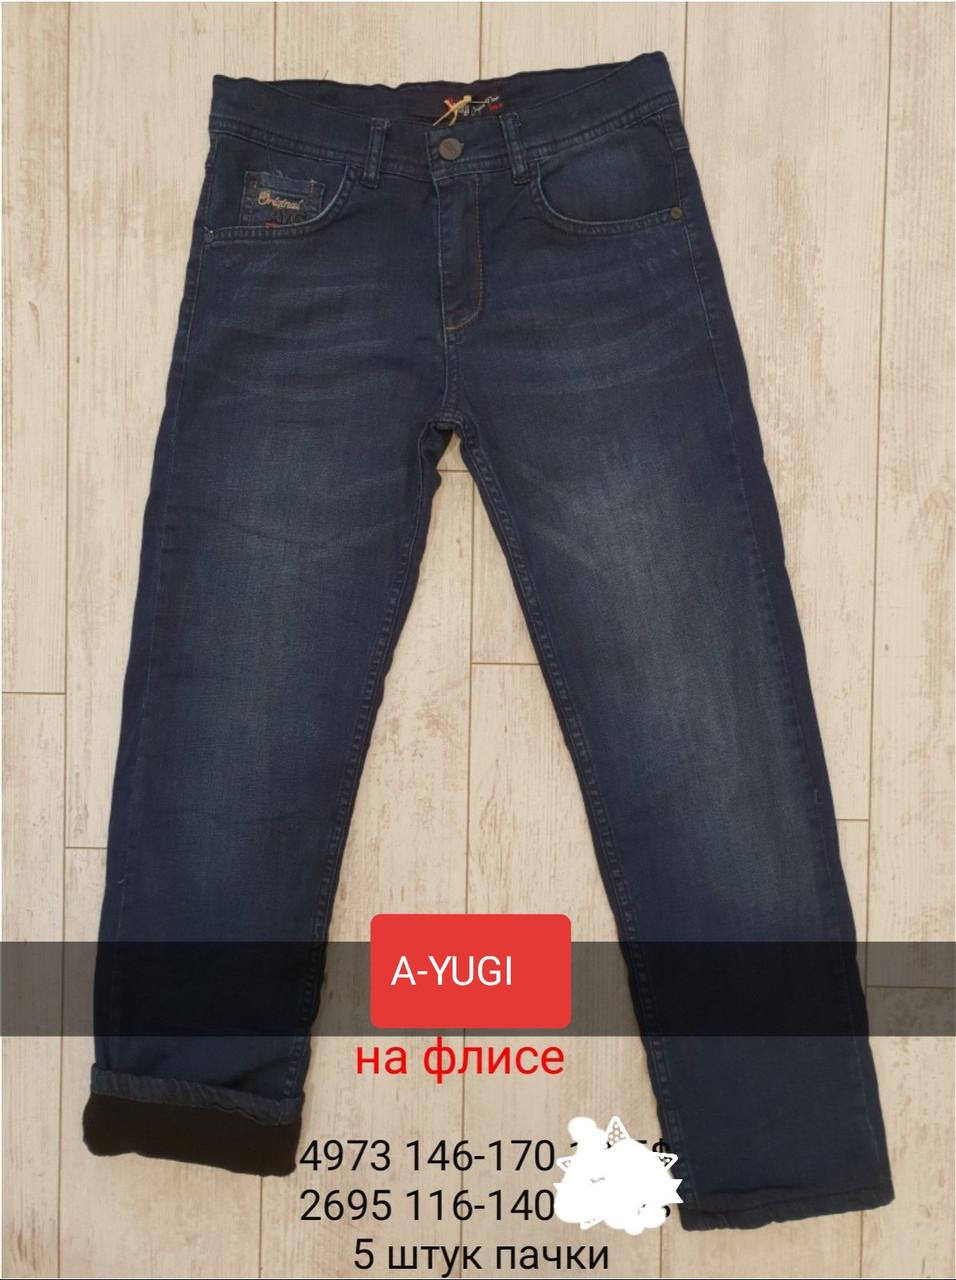 Теплые джинсы A-yugi на подростков 152 роста